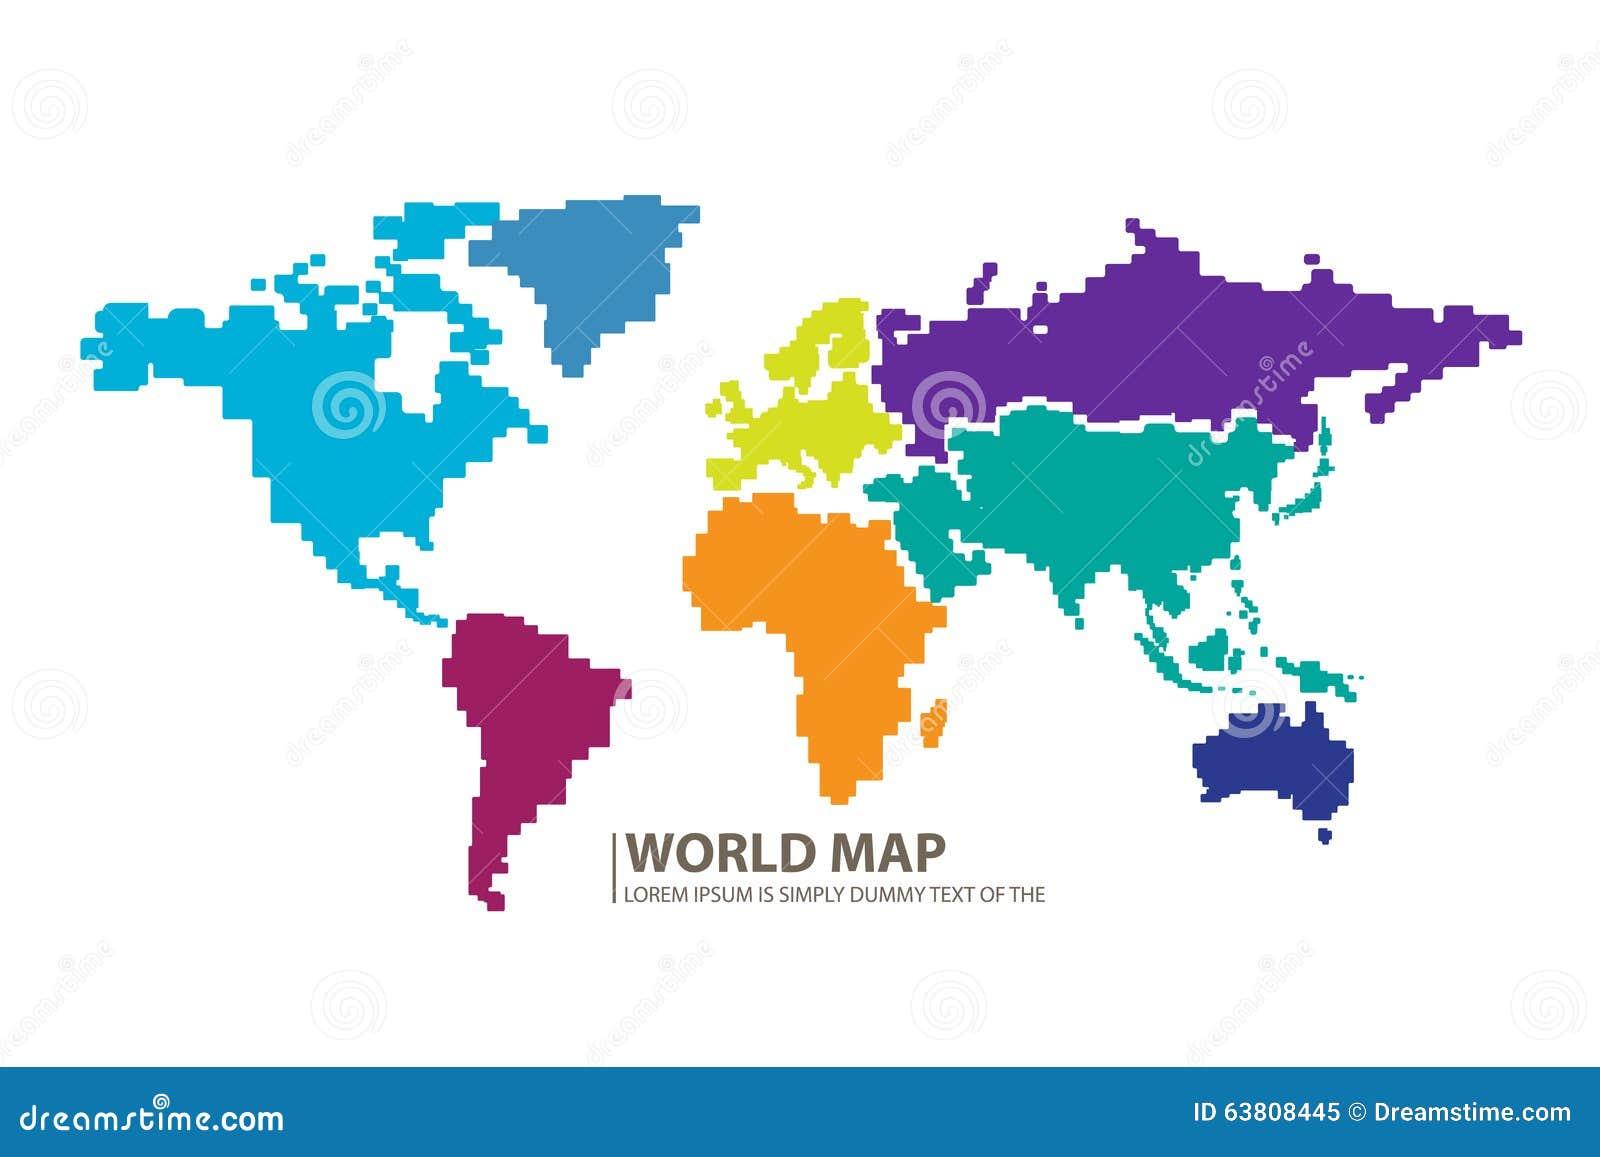 Pixels World Map Design Vector Stock Illustration Image 63808445